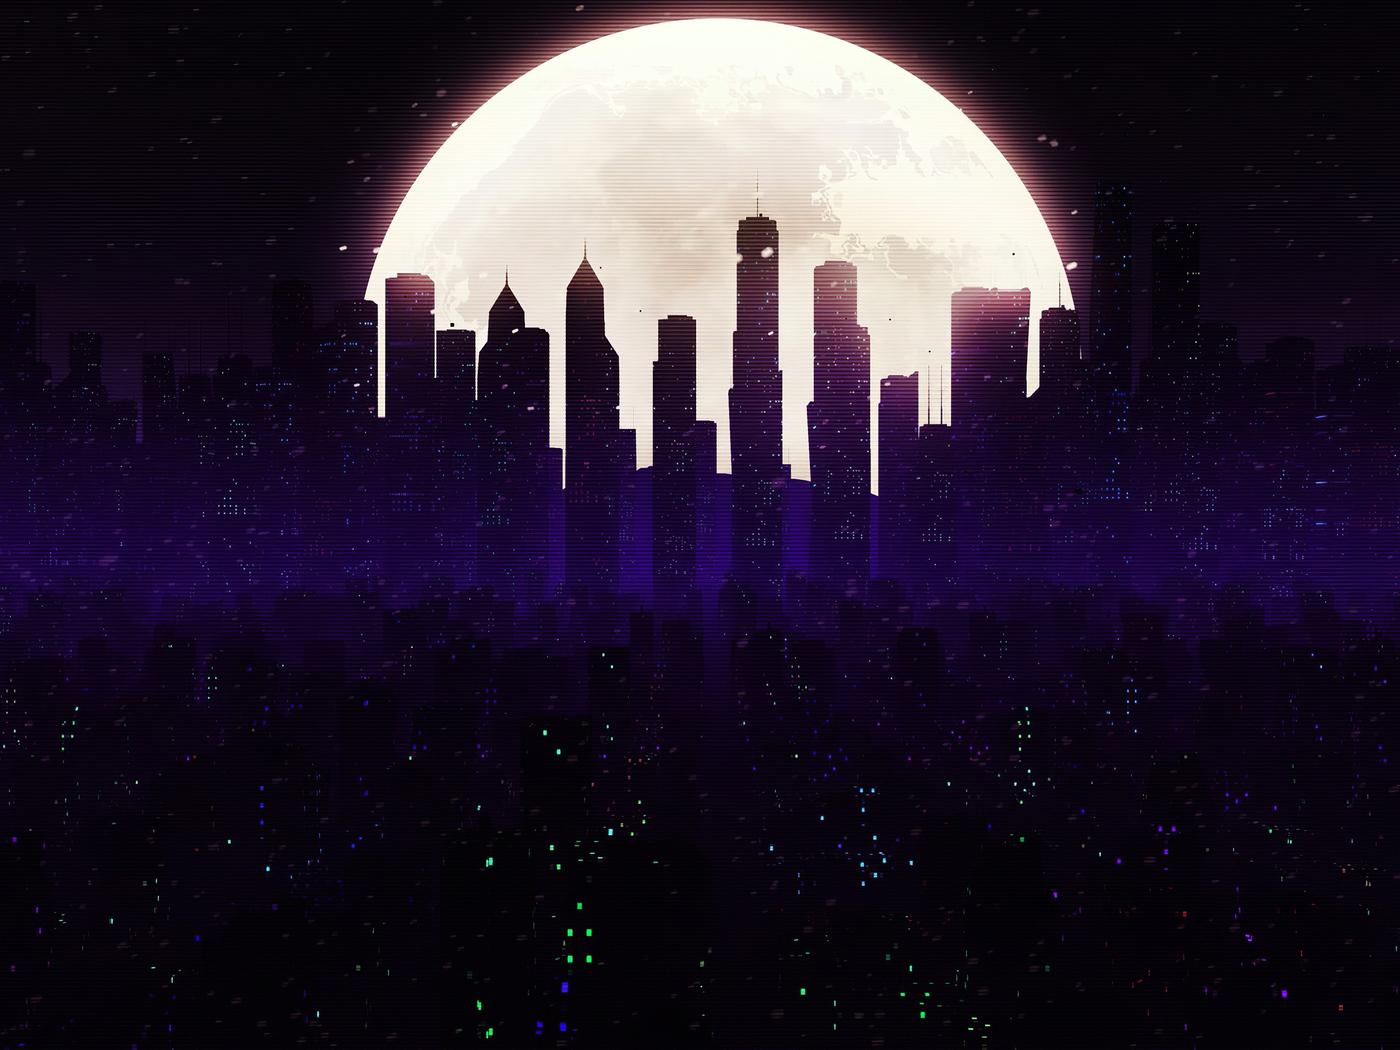 cityscape-skyline-minimalist-art-4k-76.jpg